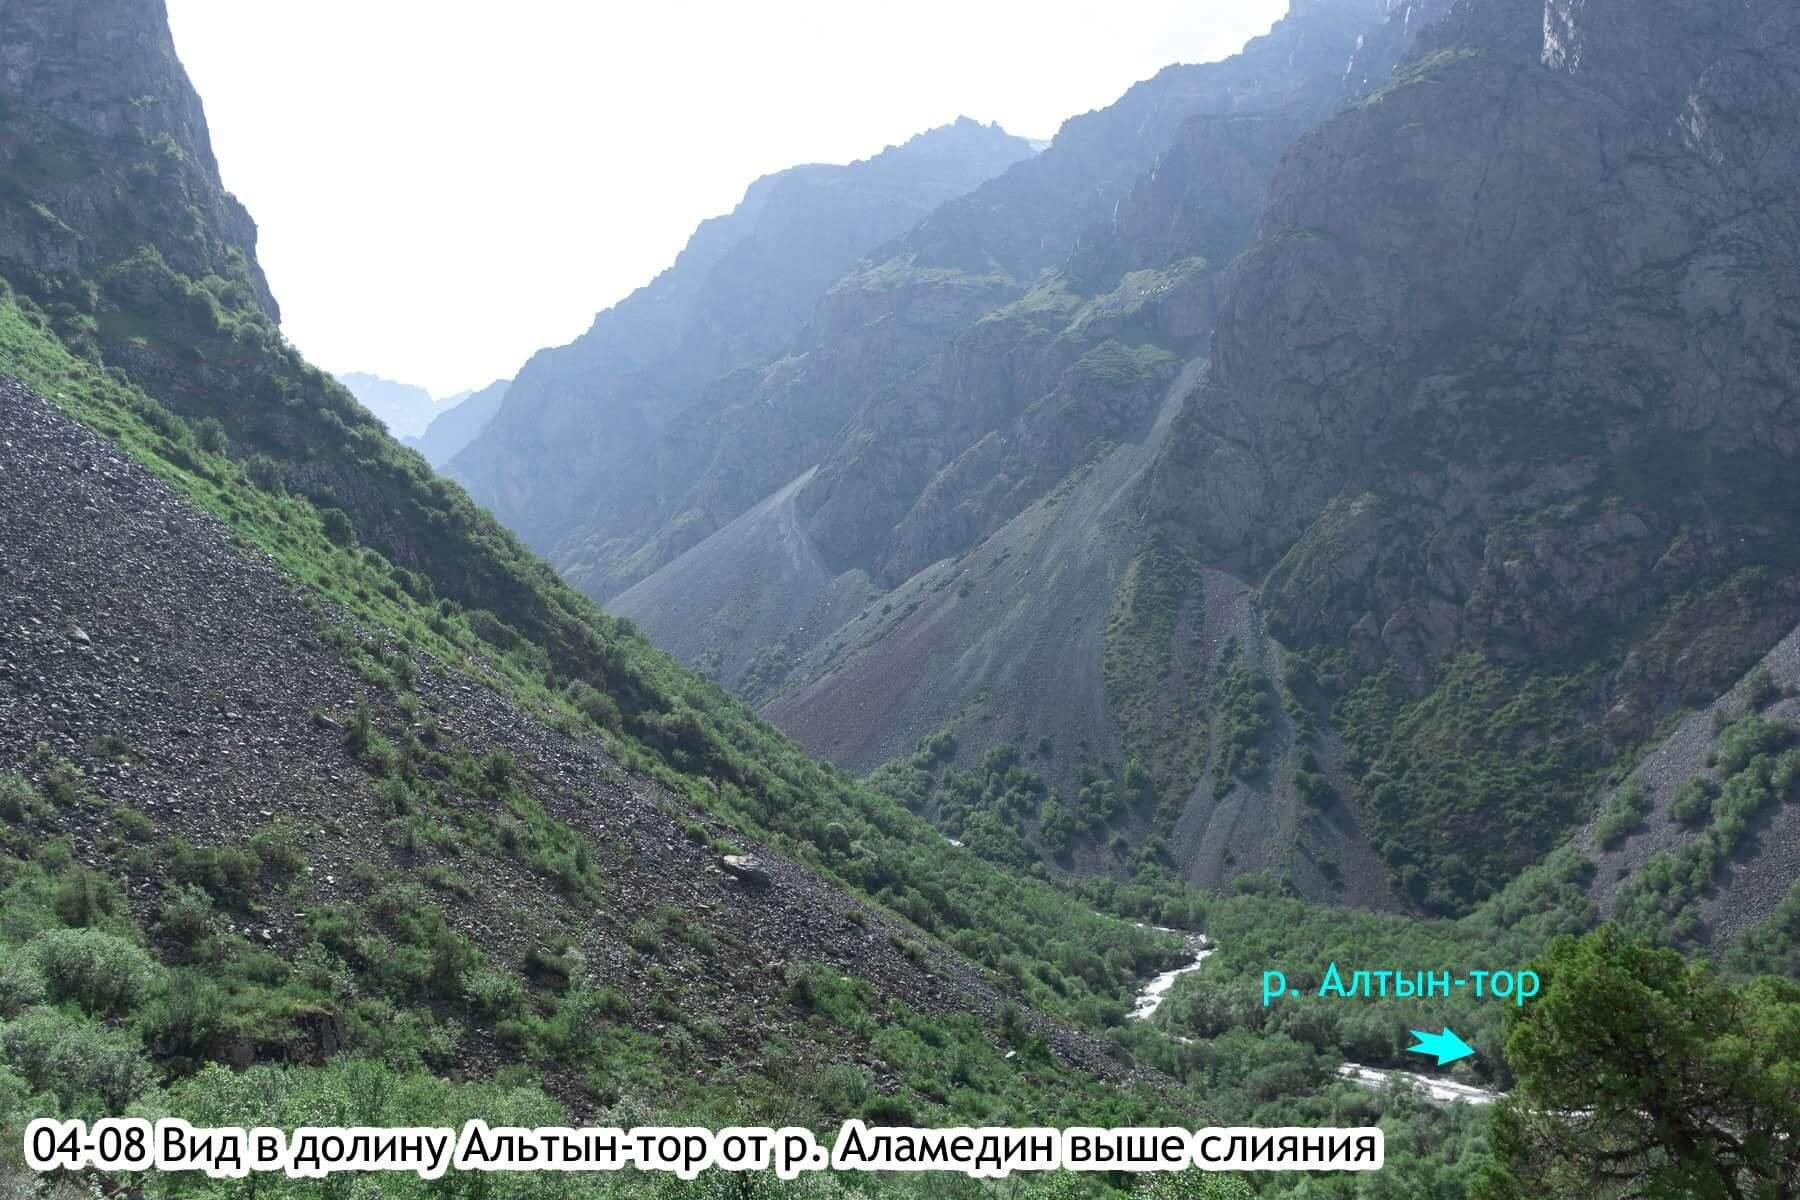 Отчет о горном походе 1 с элементами 2 к.с. по Сев. Тянь-Шаню